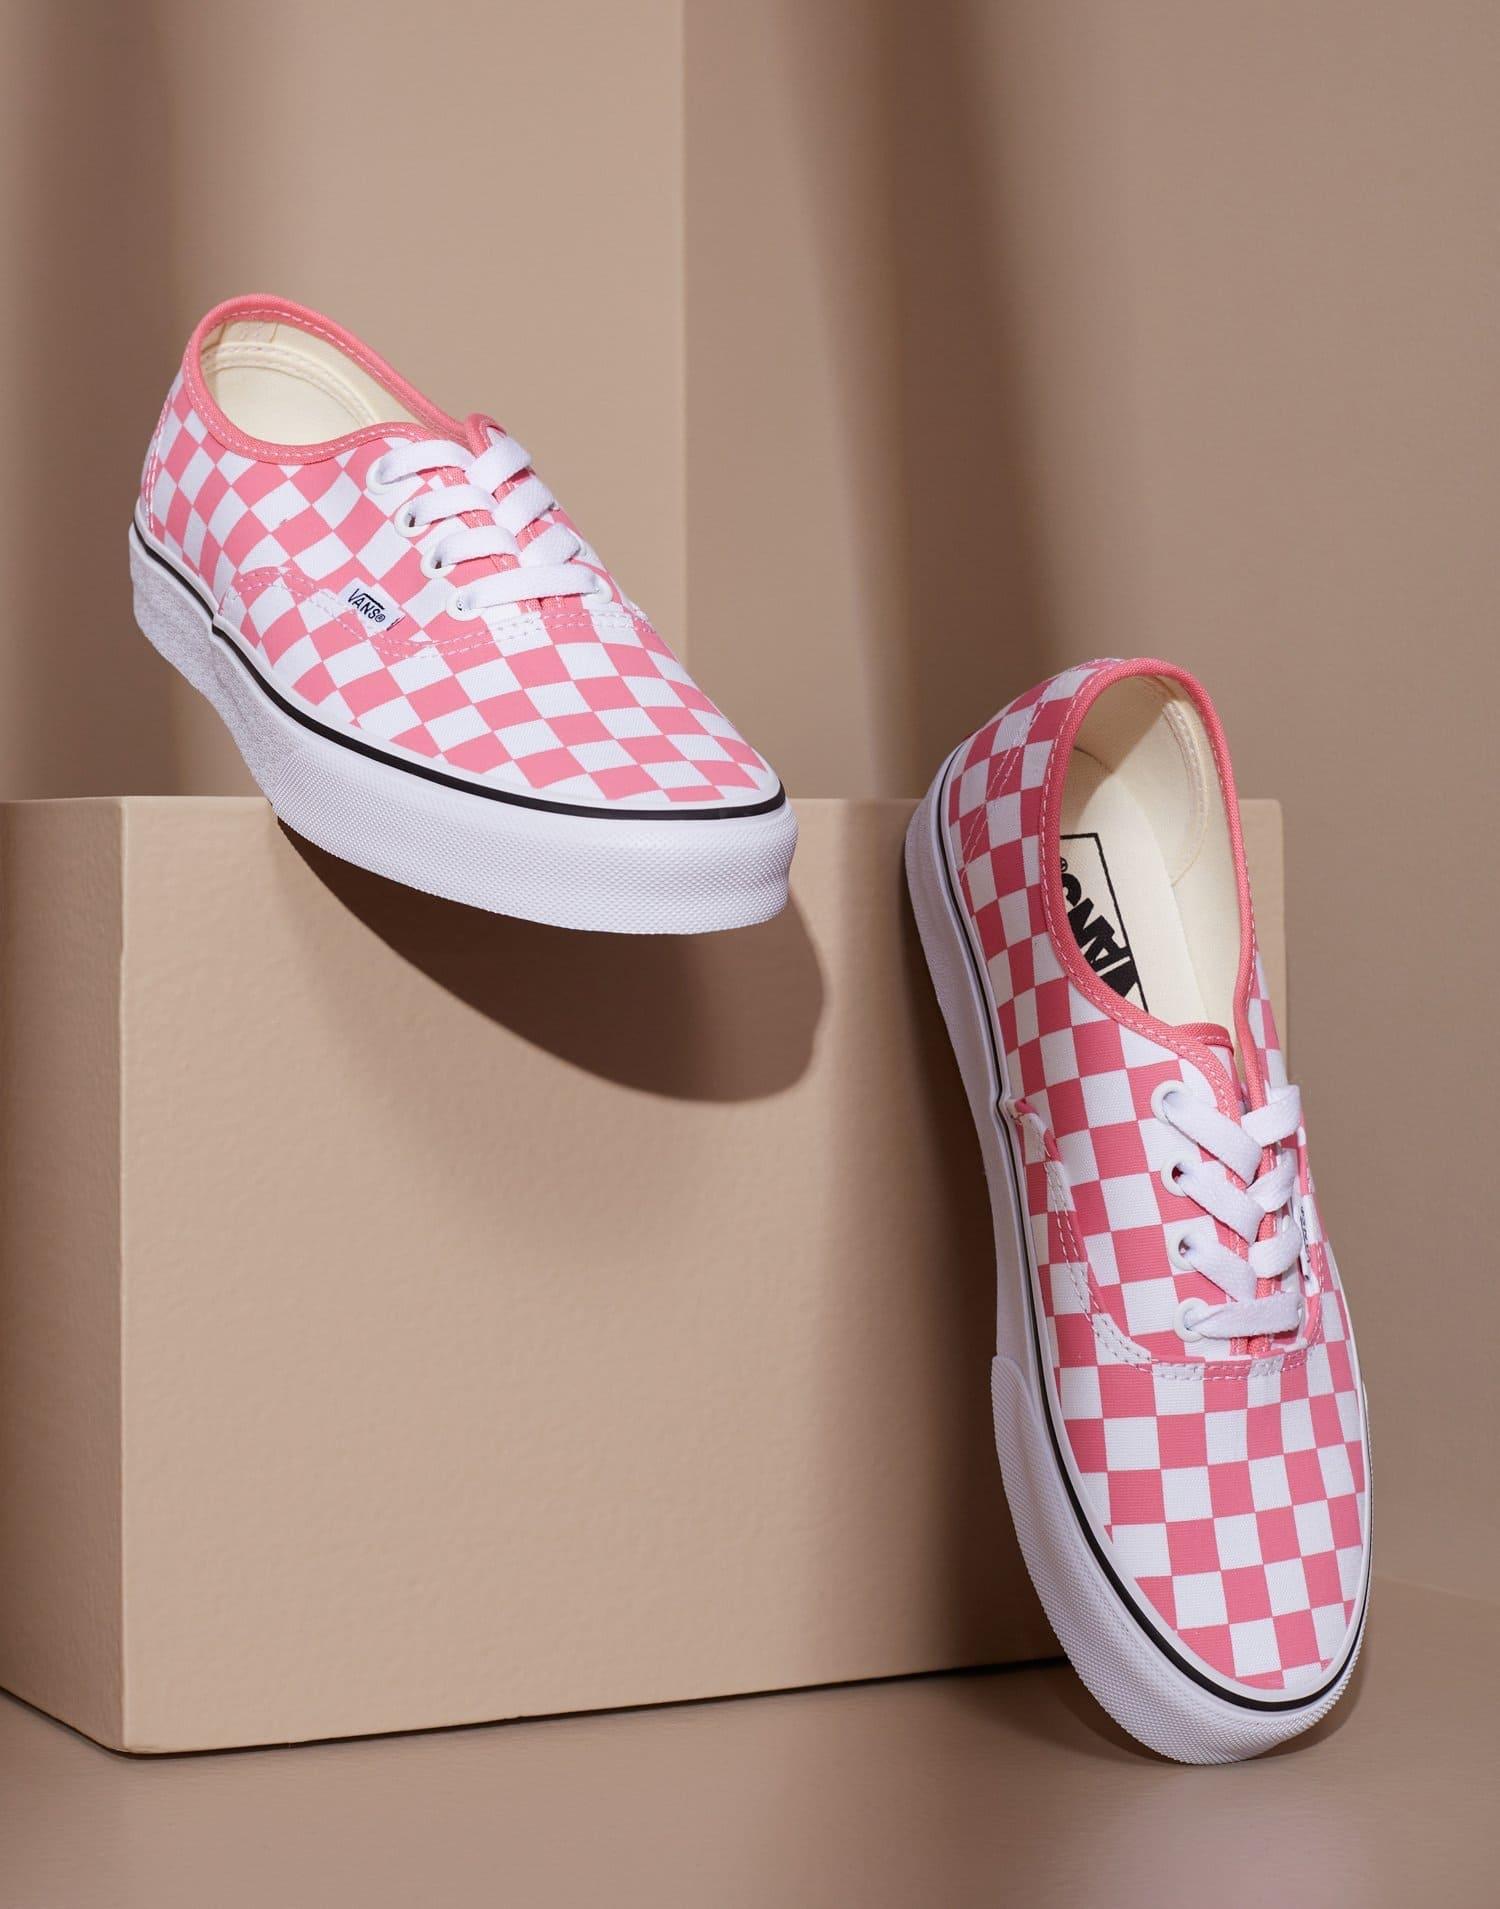 Låga vita och rosa rutiga skor från vans